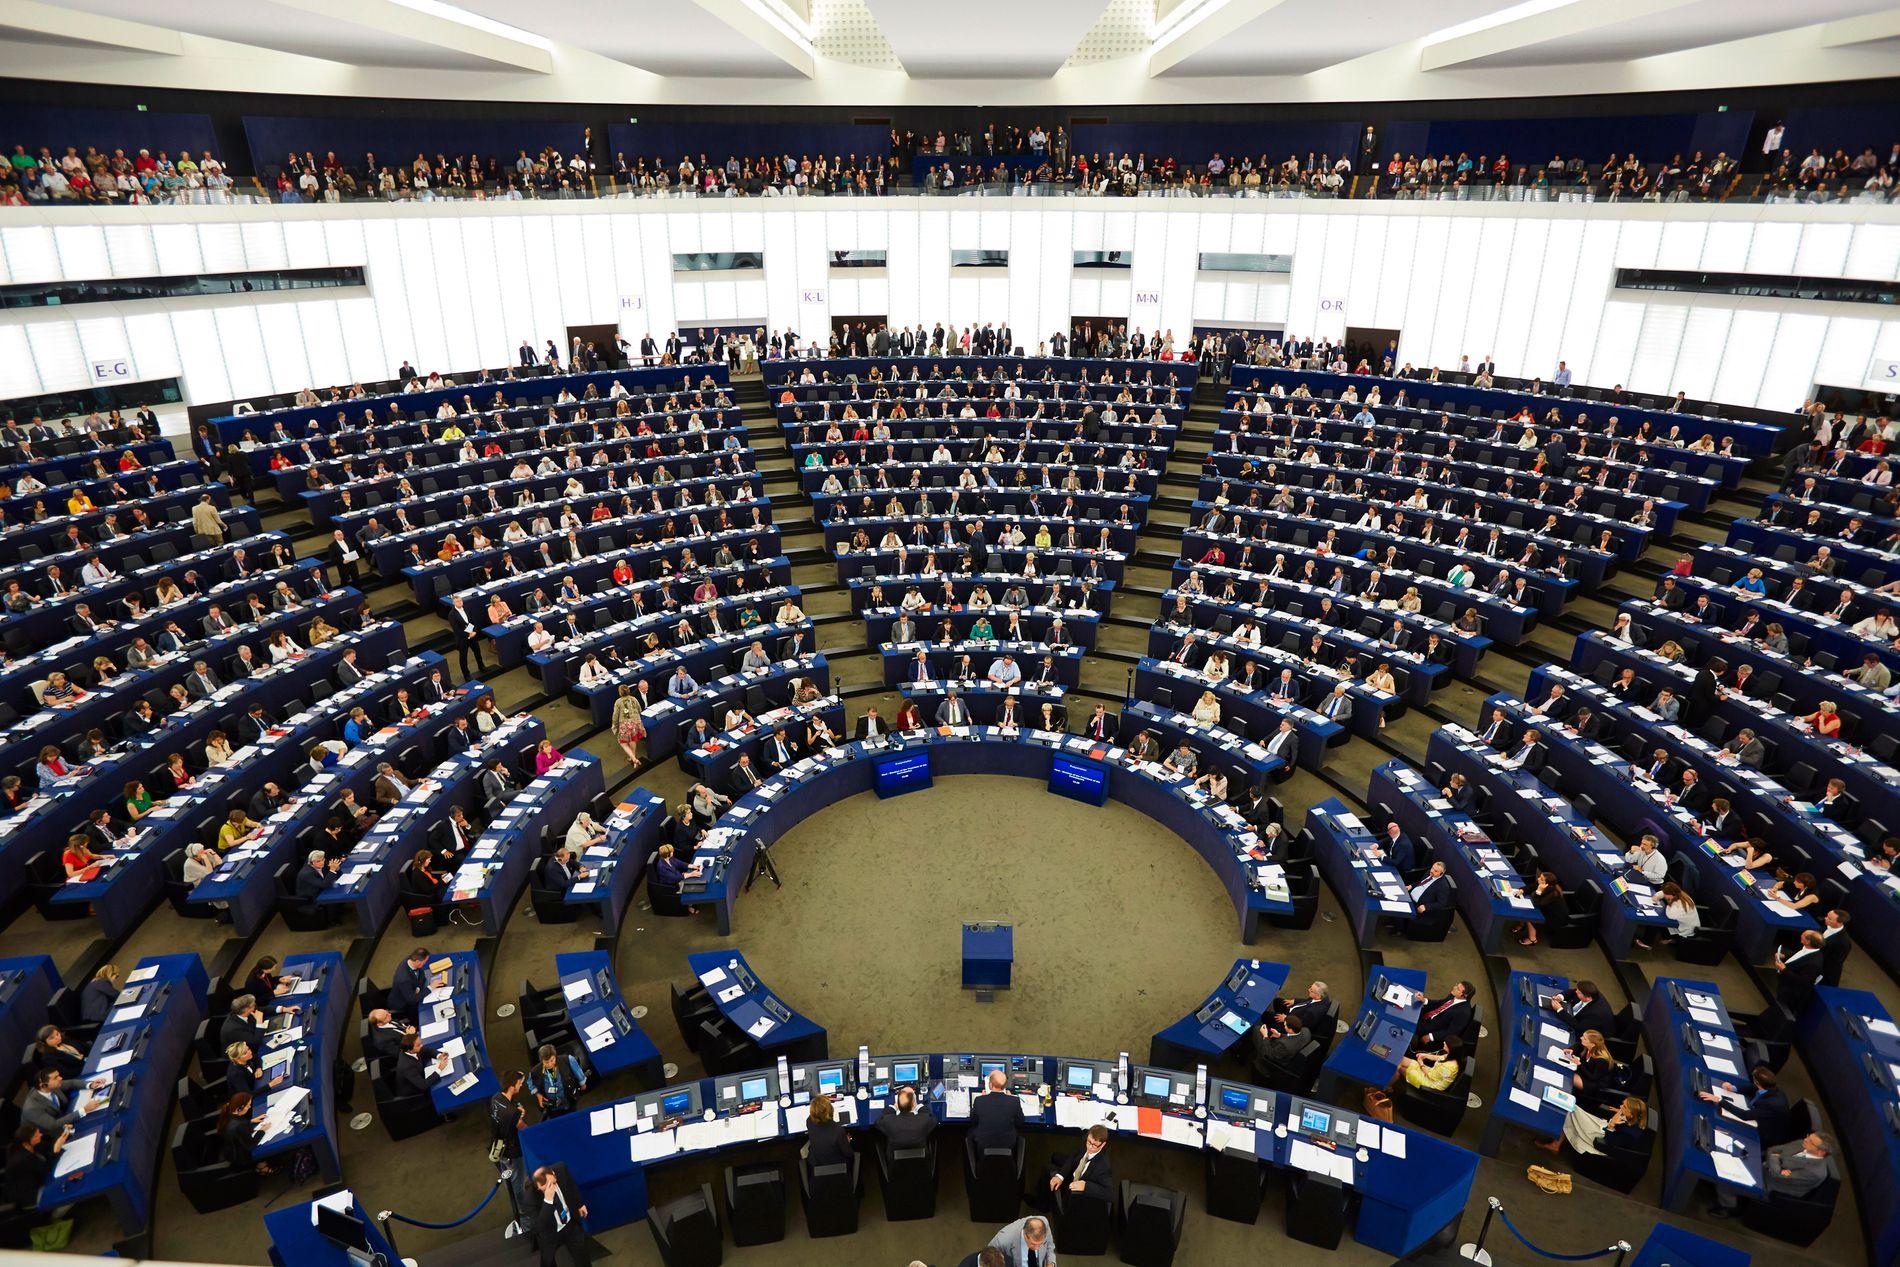 VIKTIGERE: Alle forslag til ny politikk og regelverk fra Kommisjonen blir nå gjenstand for parlamentarisk debatt og vedtak i Europaparlamentet (bildet) på lik linje med EU-landenes regjeringer i Ministerrådet, skriver Paal Frisvold.